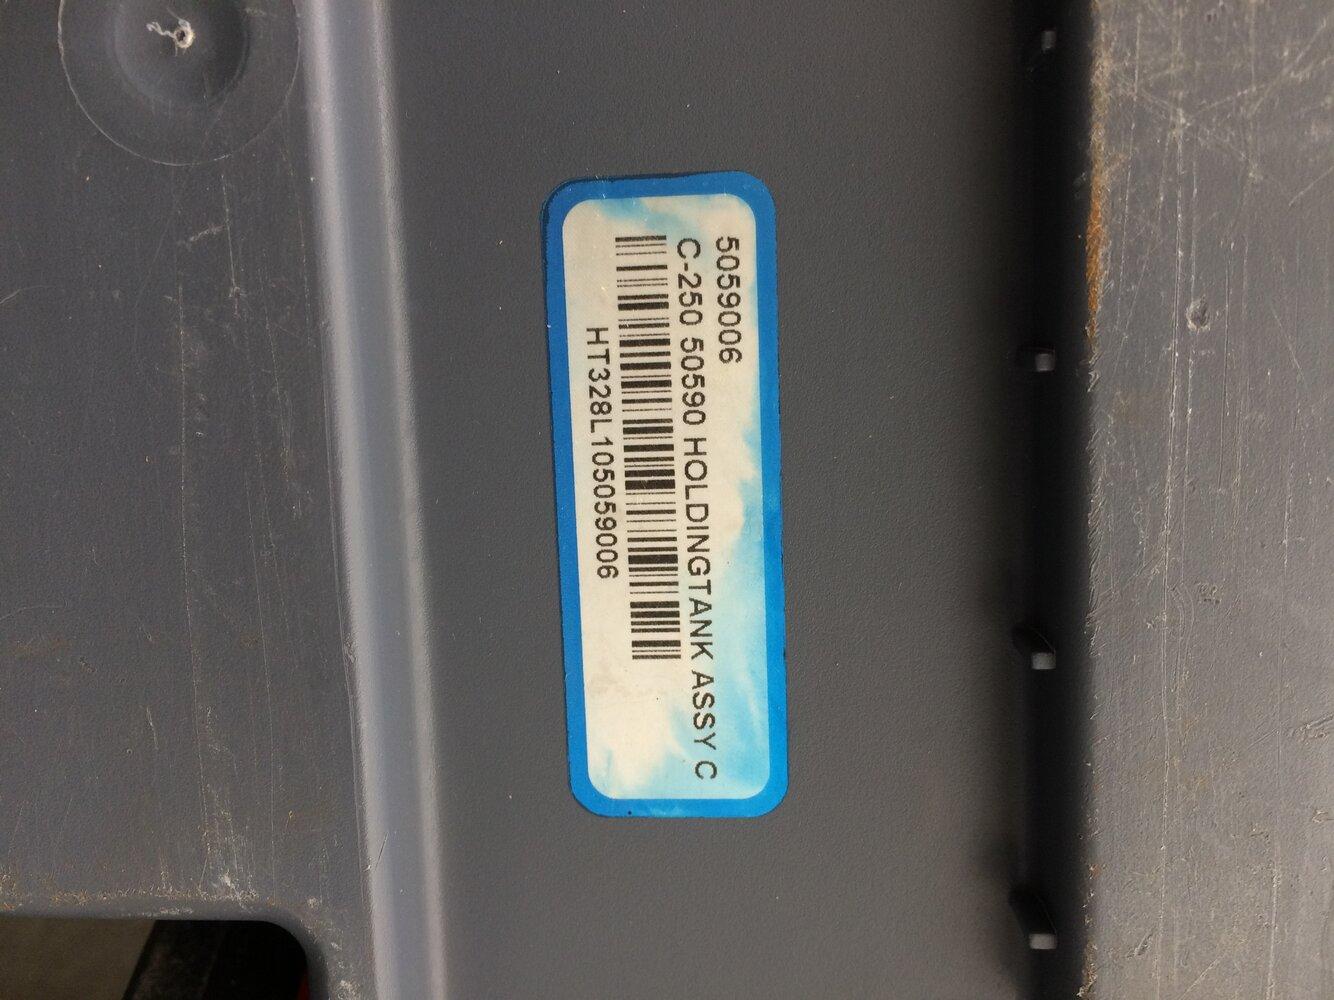 55C0B463-598E-4B58-A37F-3AE9FC686A6F.jpeg